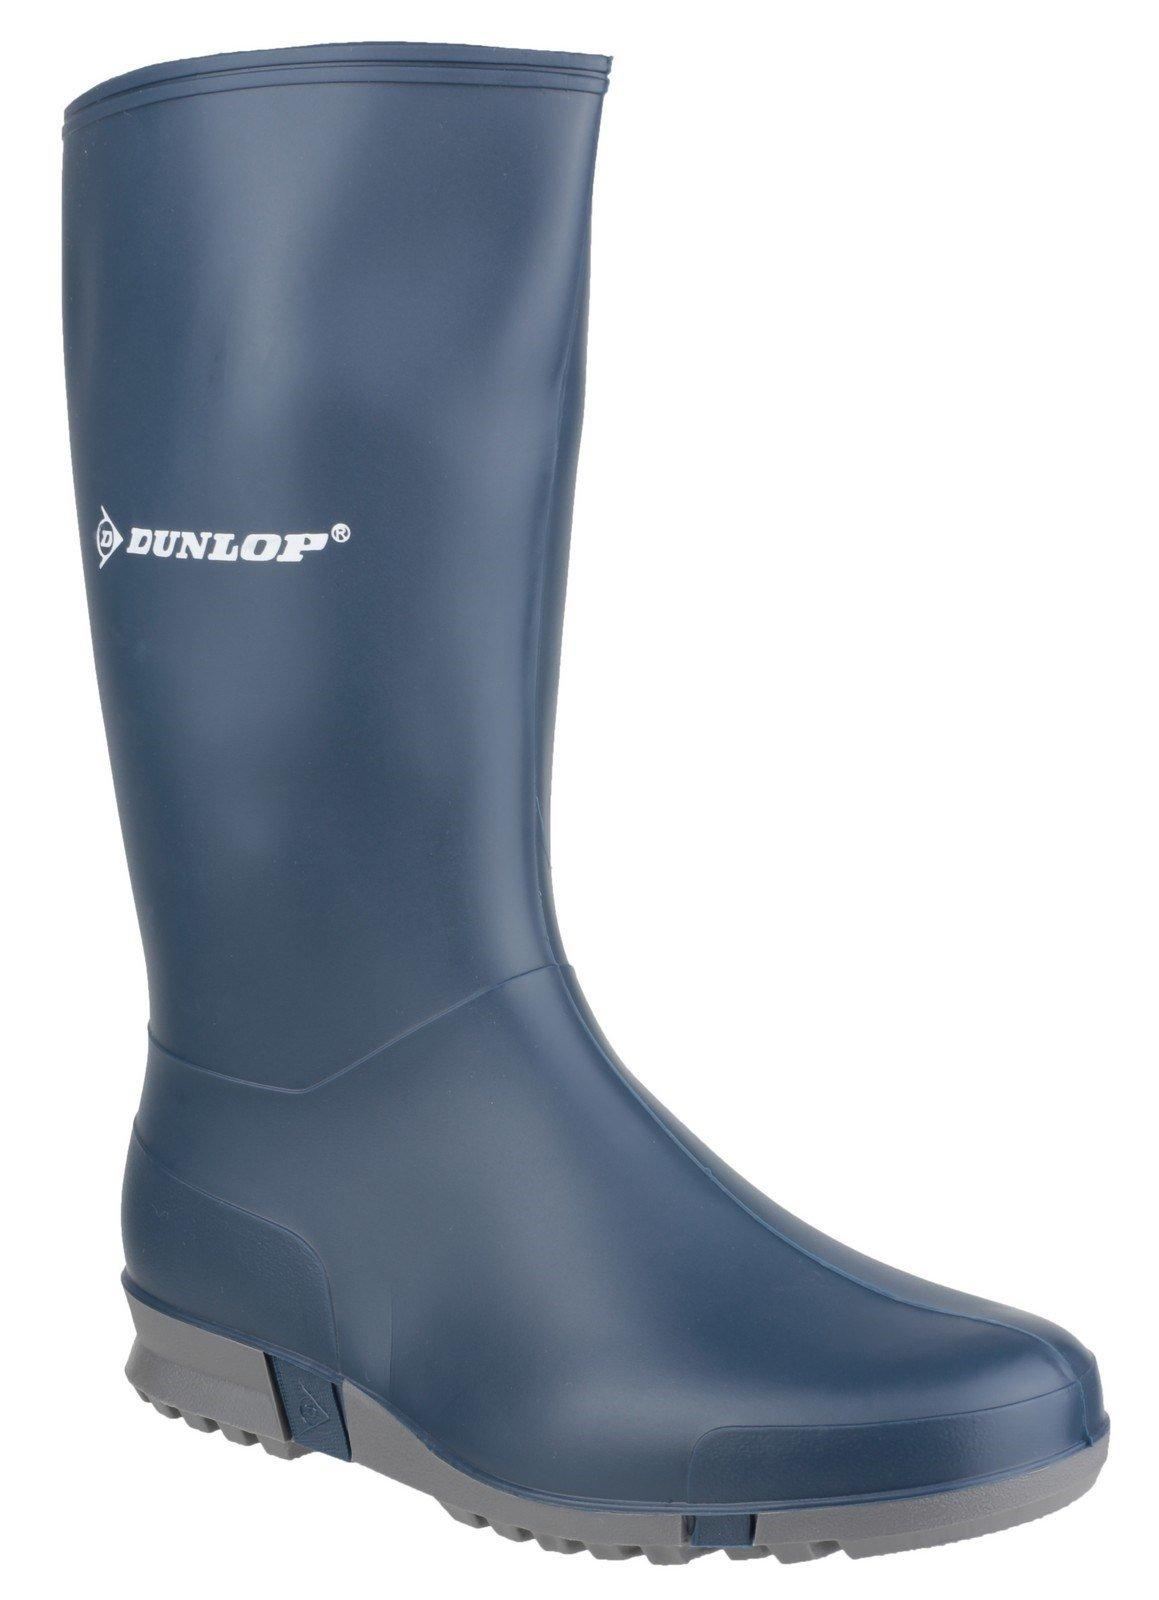 Dunlop Women's Sport Wellington Boot 08457 - Blue 2